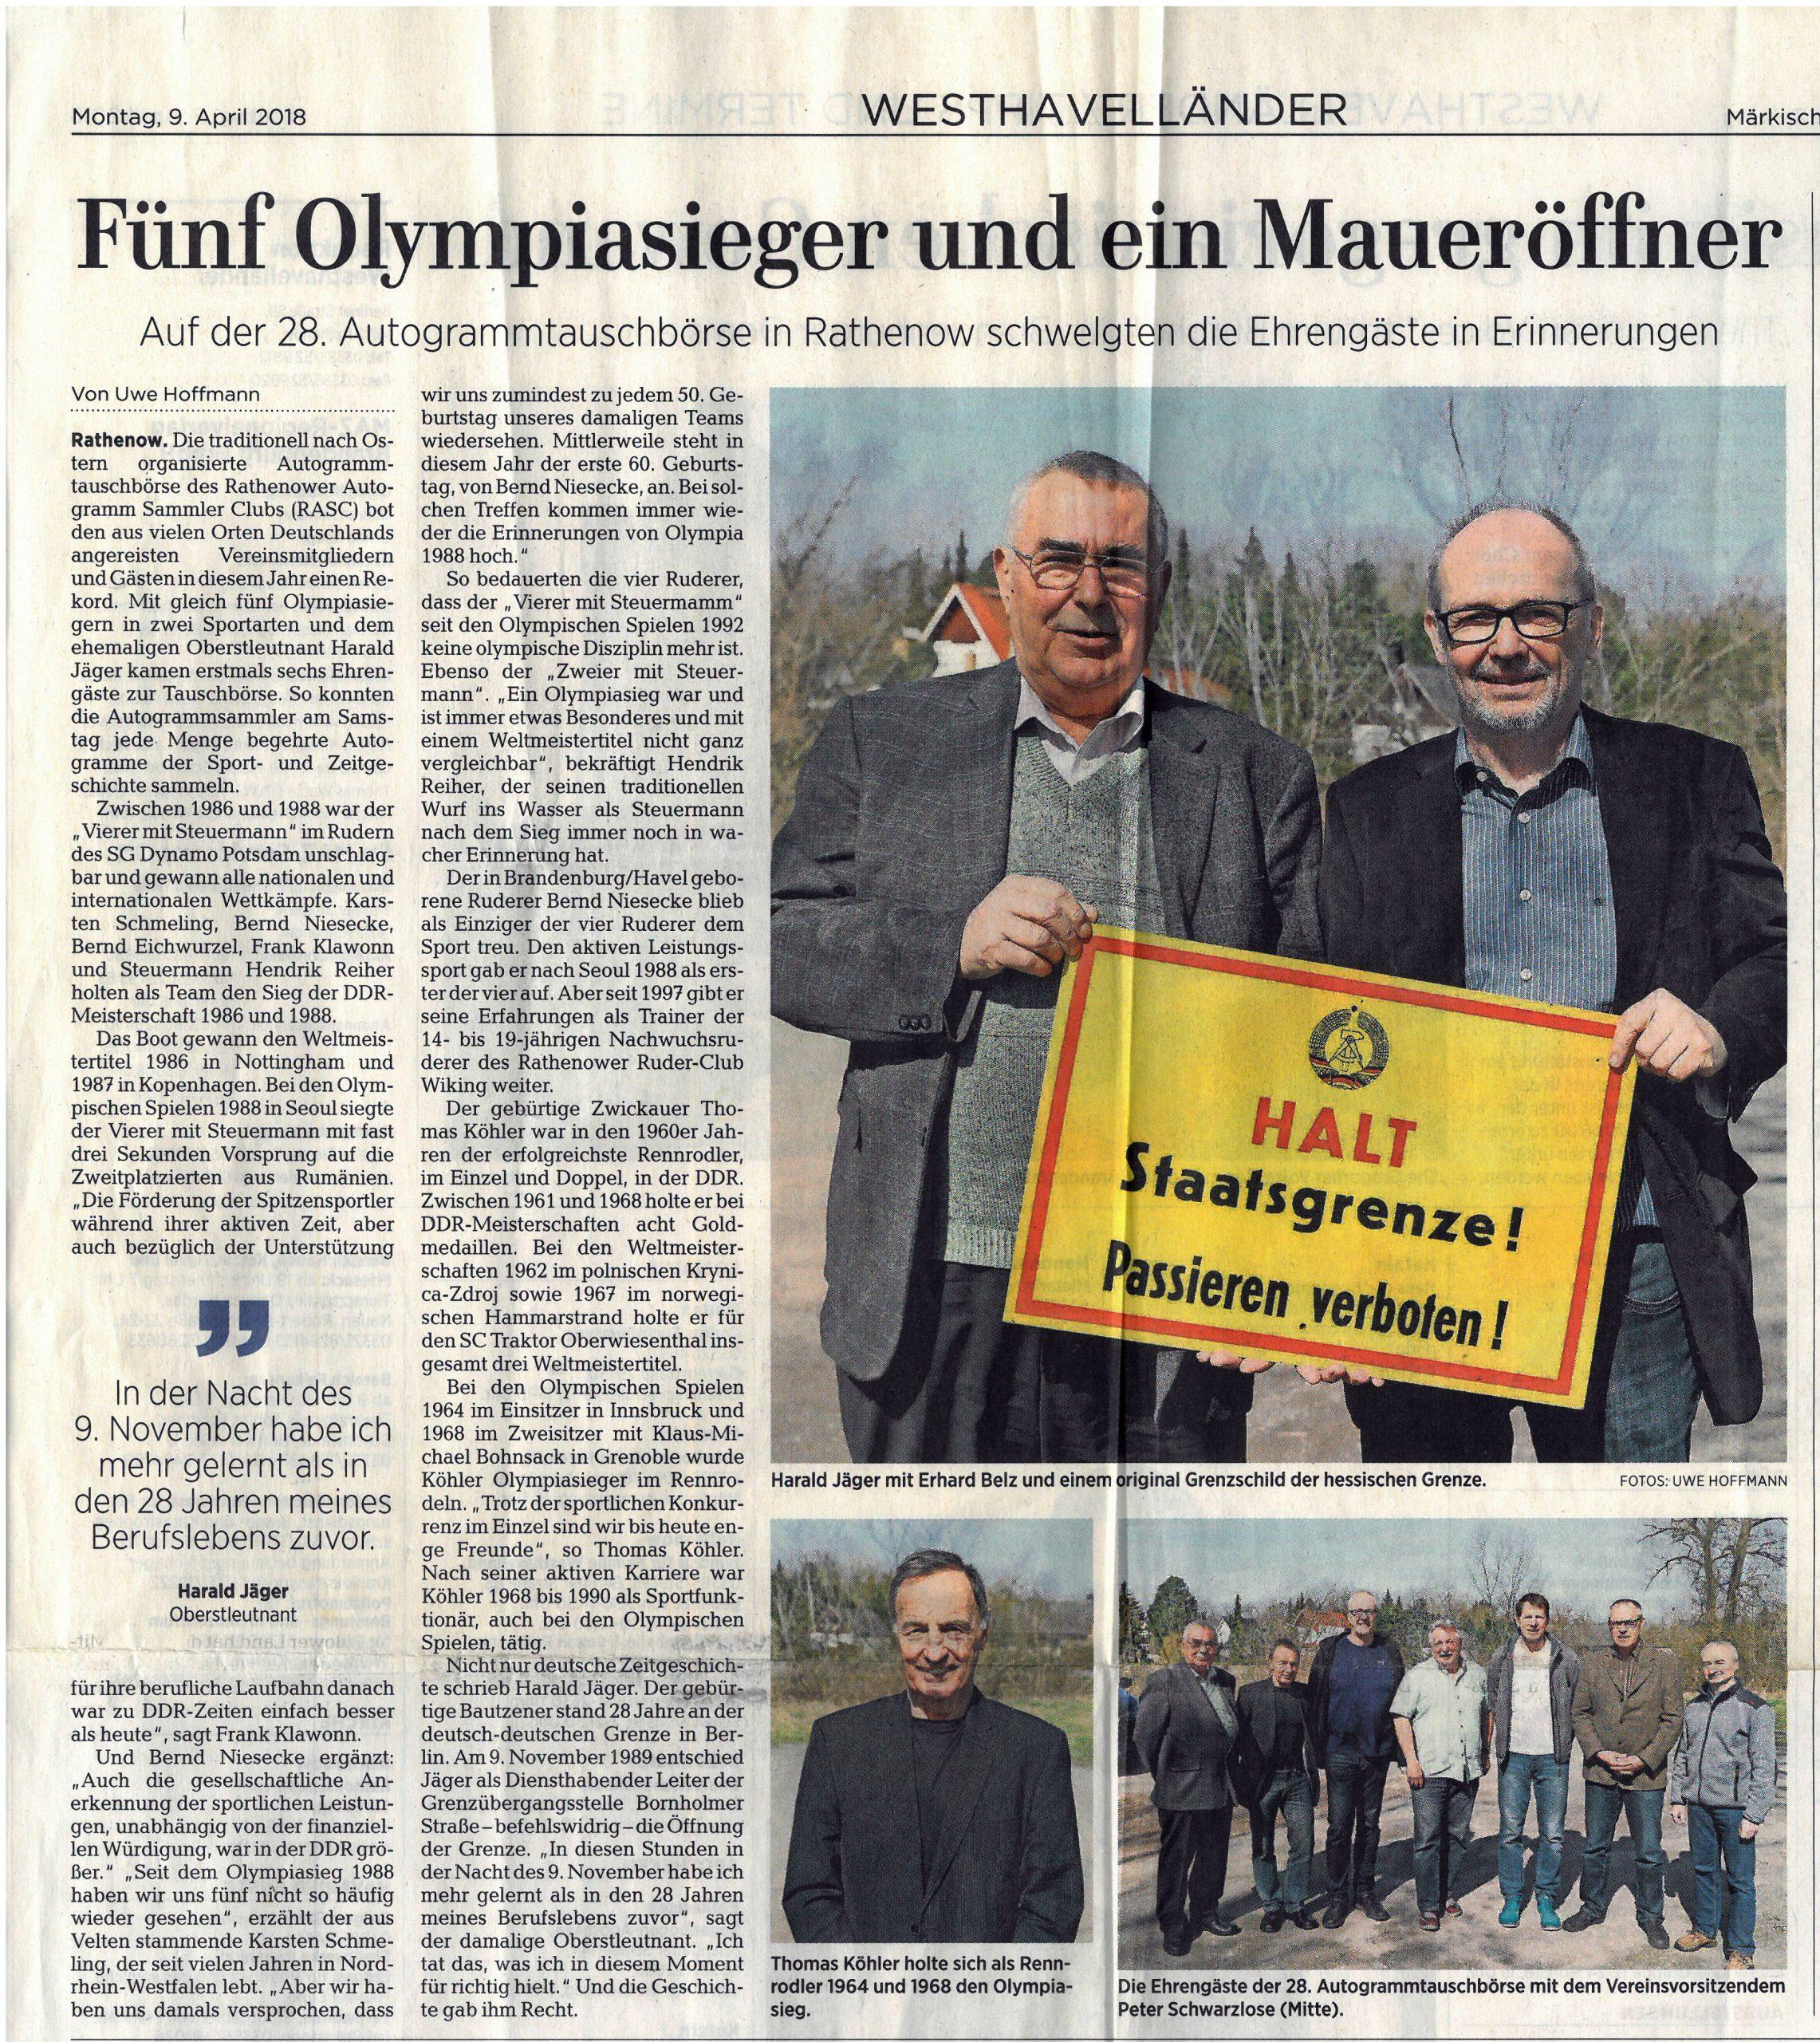 hanauer-anzeiger-9-7-16